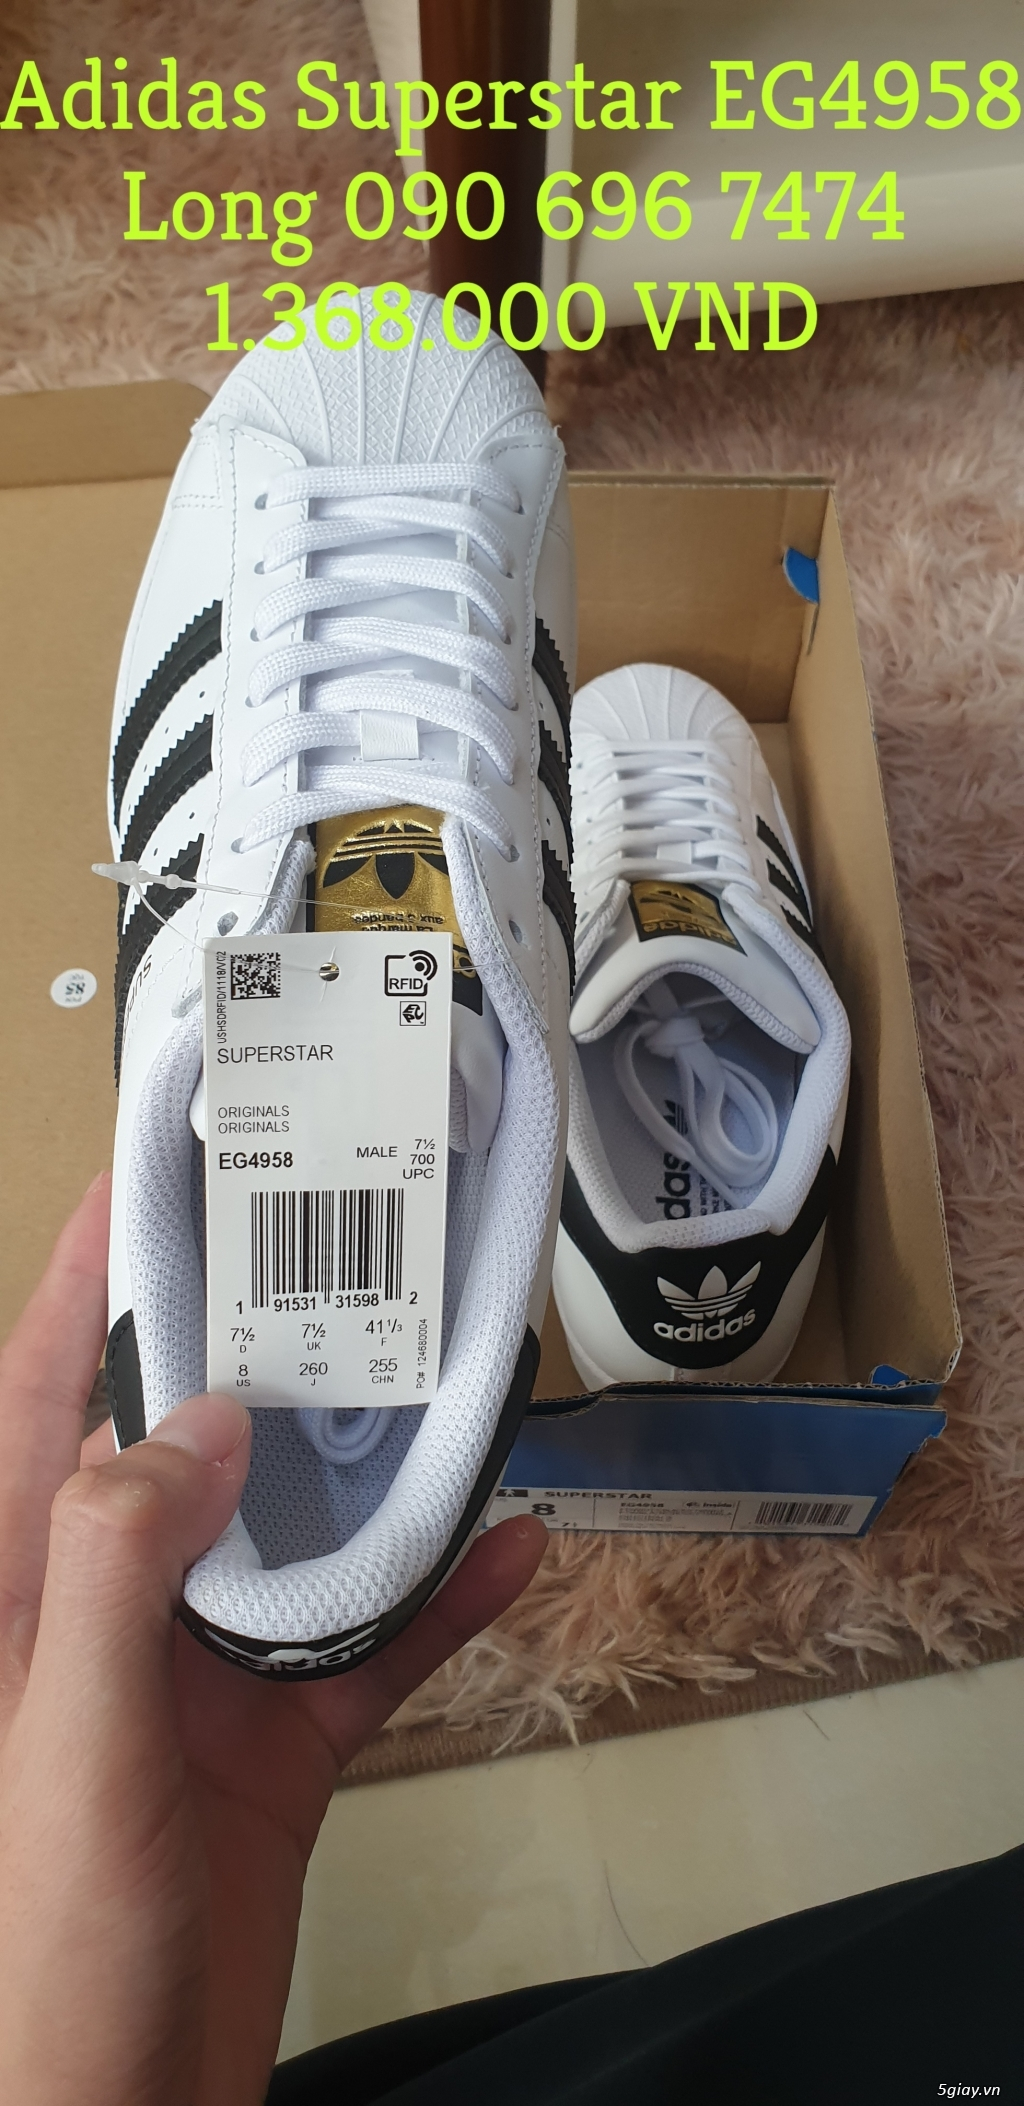 Cần Bán: Adidas Superstar EG4958 2020 - 2